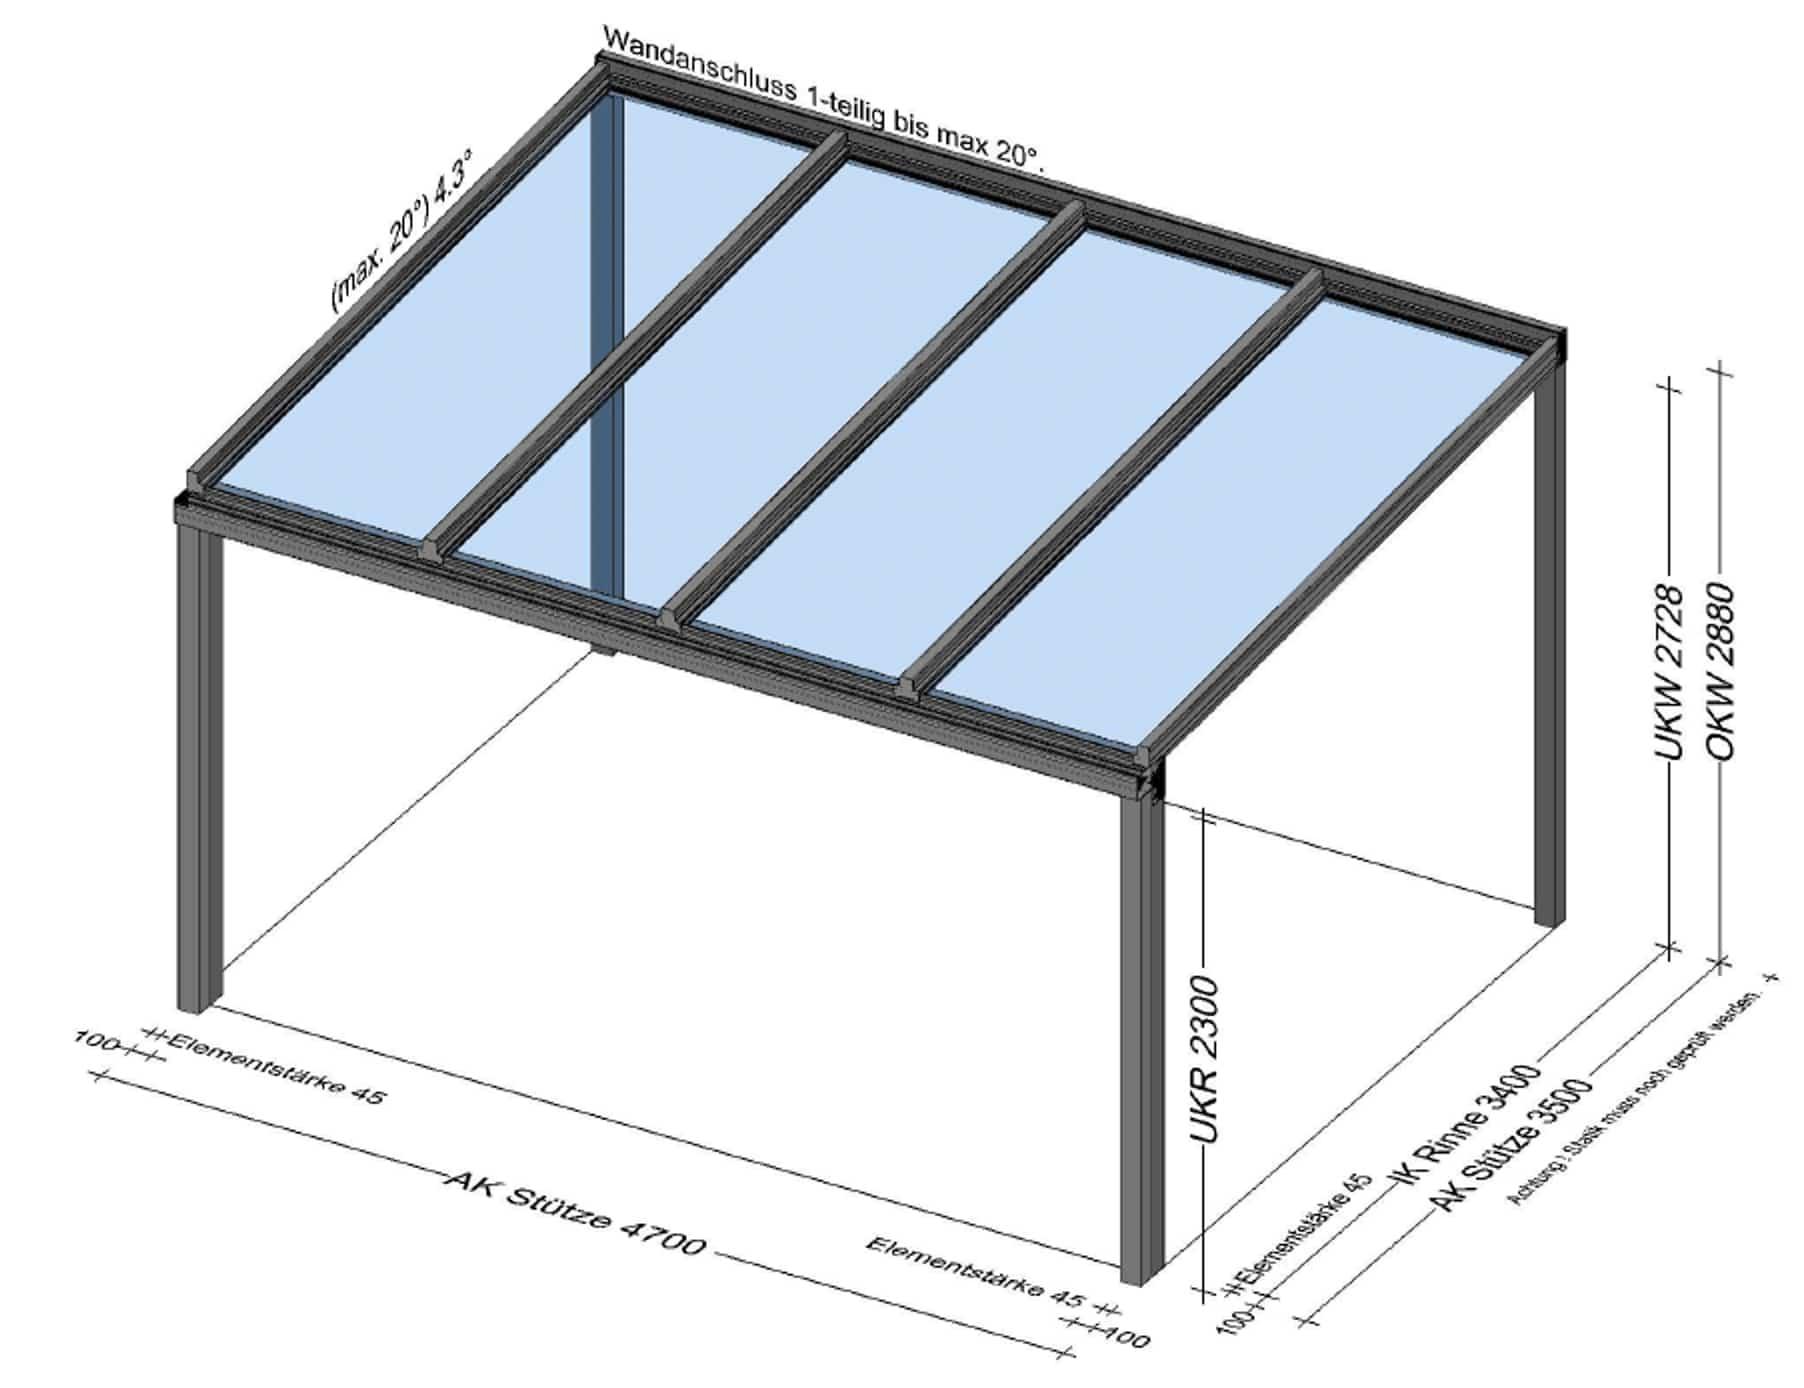 Terrassenüberdachung Alu 5x4 in 4181 Oberneukirchen